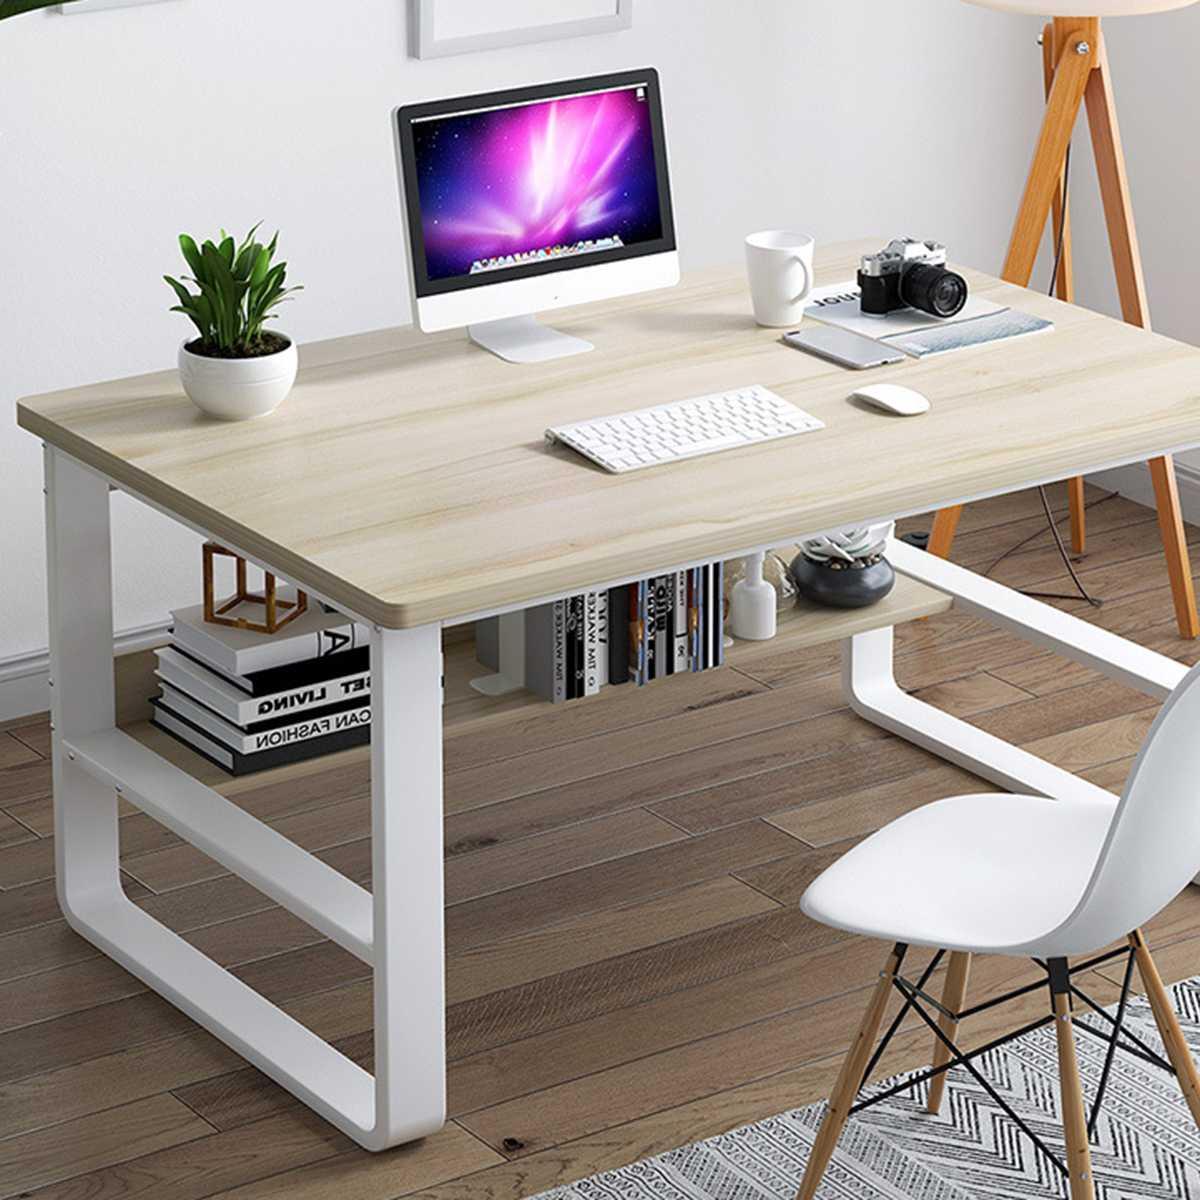 طاولة كمبيوتر خشبية متينة ، مكتب كمبيوتر محمول ، مكتب ، مكتب ، مكتب ، كمبيوتر محمول ، مكتب ، مكتب ، كمبيوتر شخصي